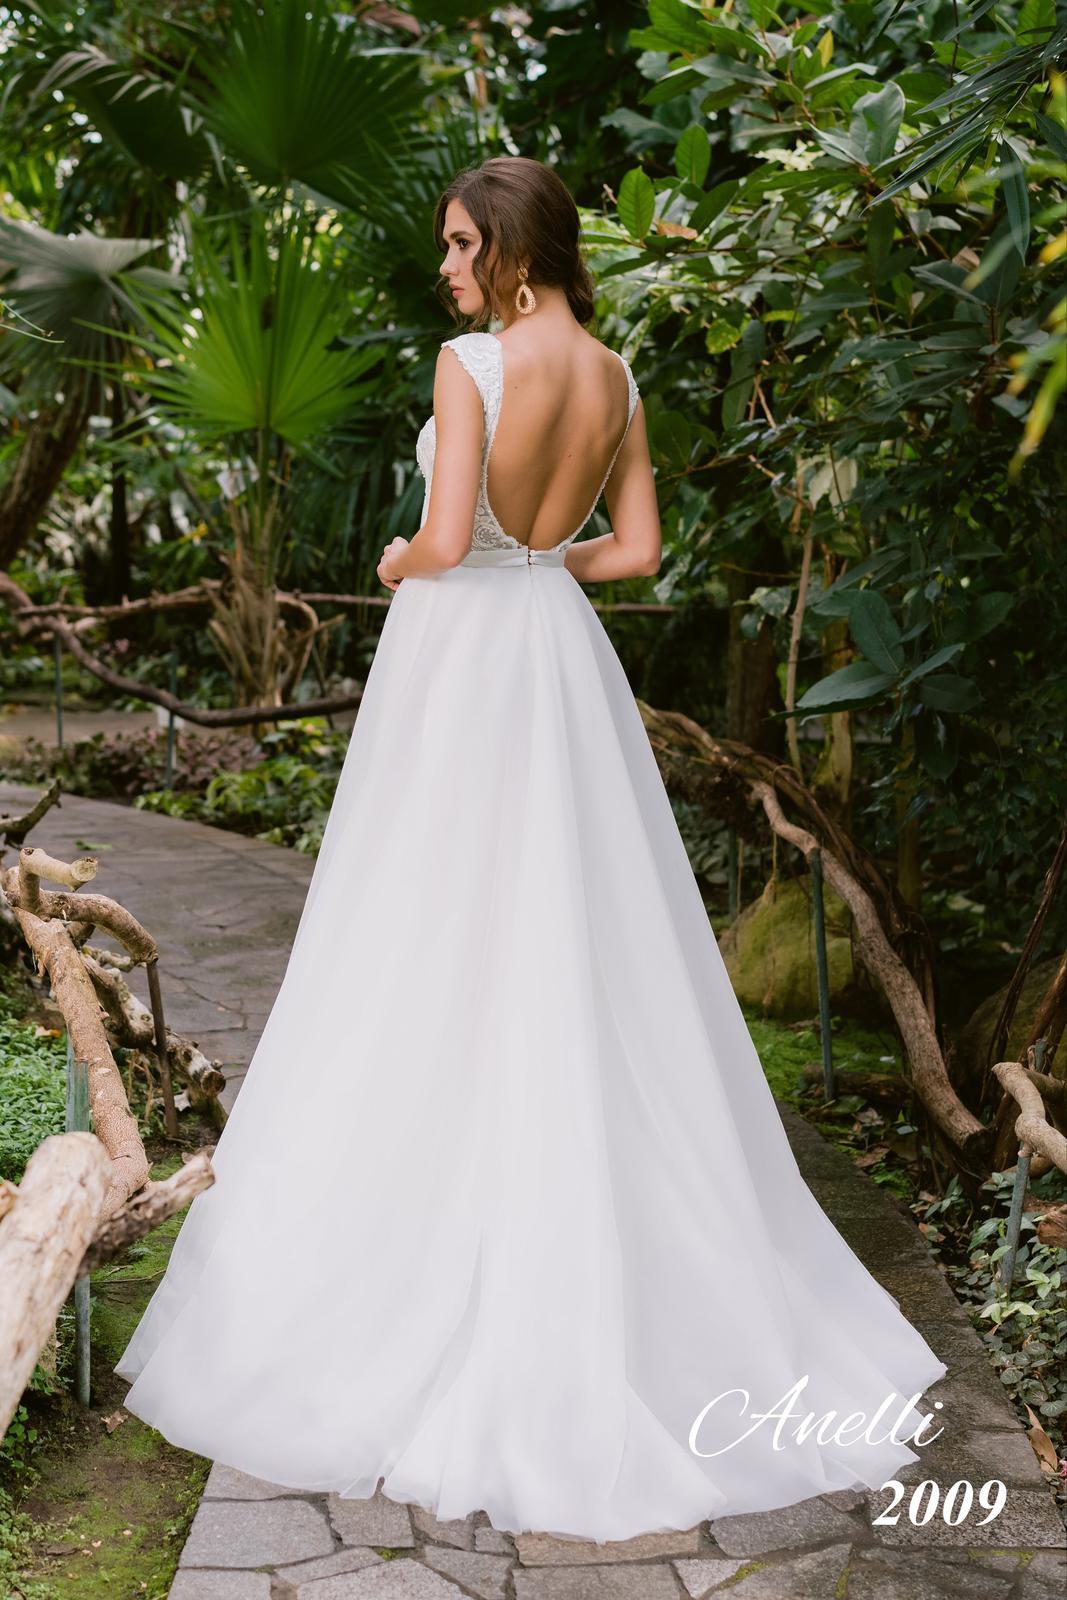 Svadobné šaty - Breeze 2009 - Obrázok č. 3